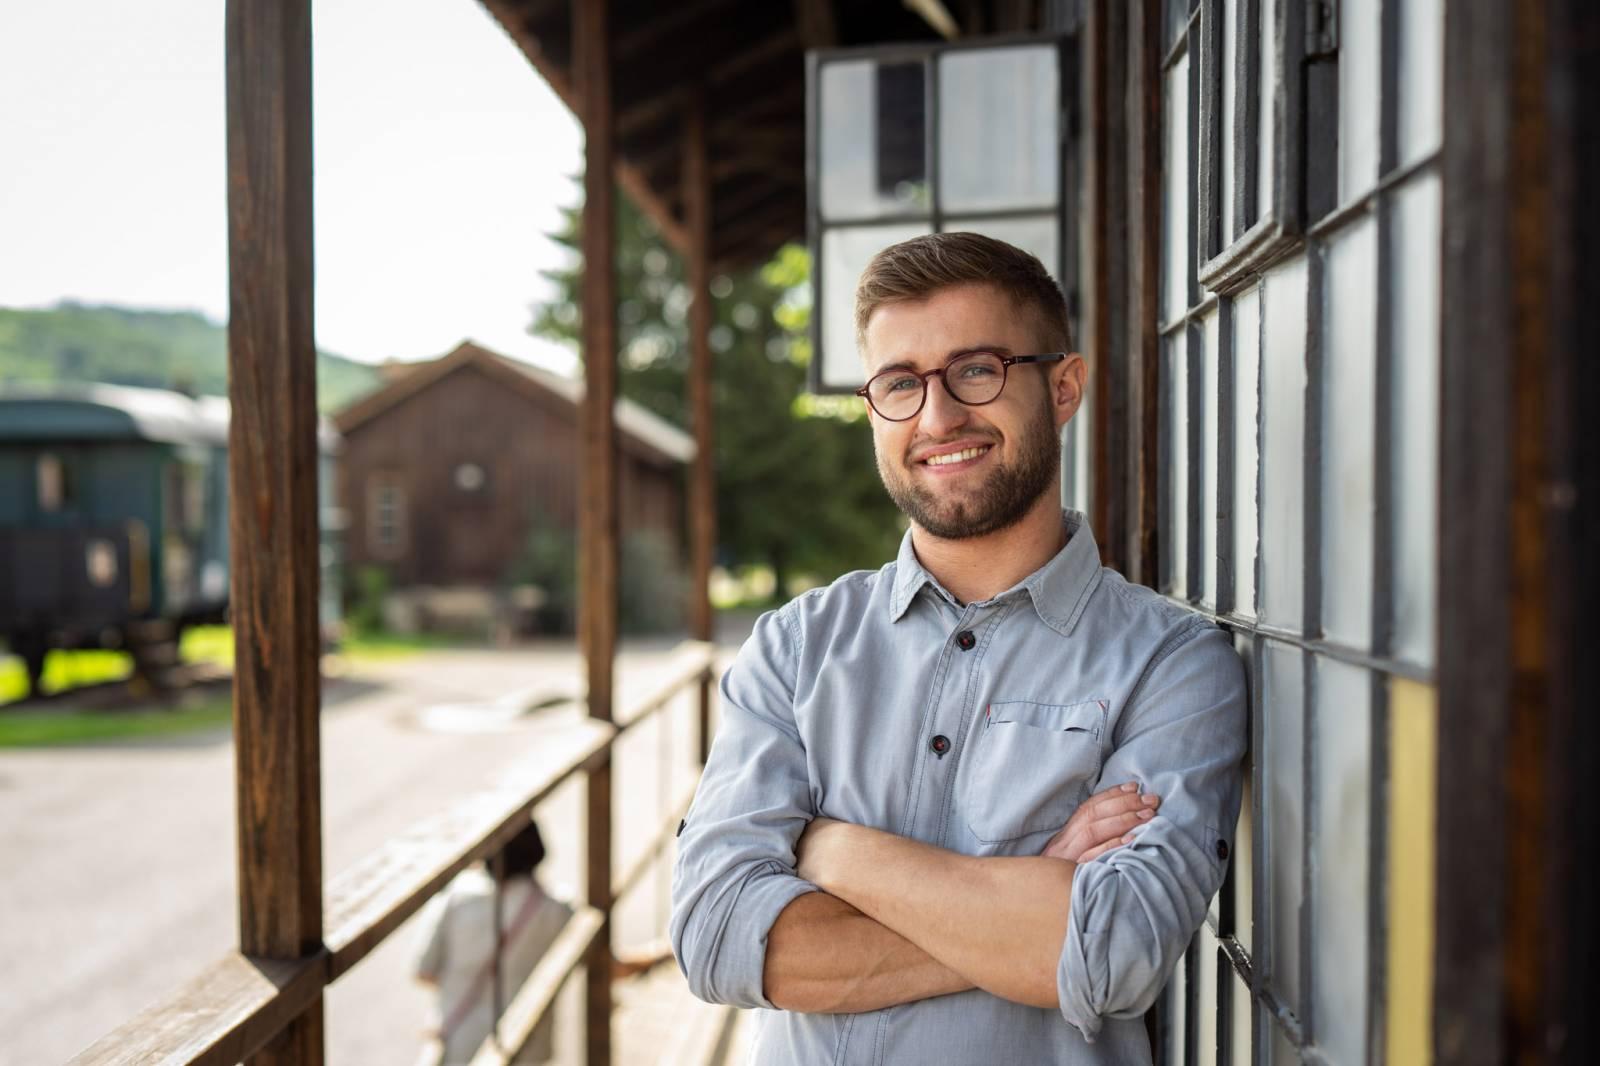 ROZHOVOR   Michal Horák: Nové album je vypracovanější a vyspělejší, přestože zůstávám u jakéhosi trapnohumoru